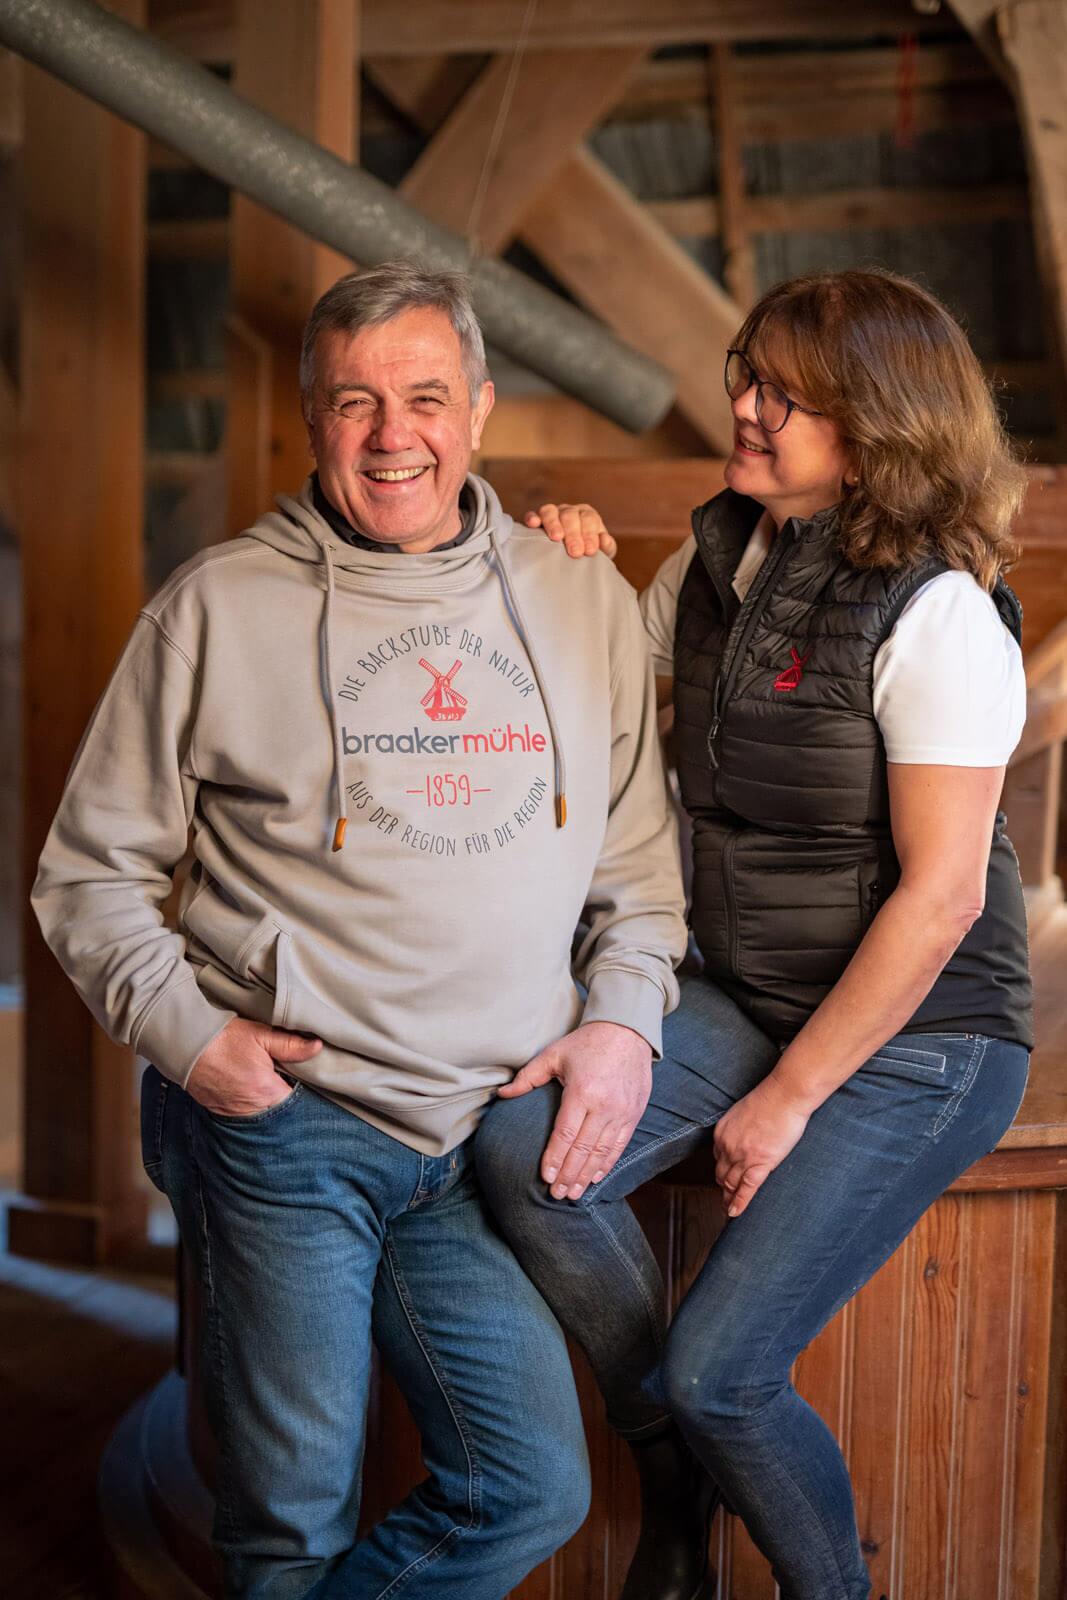 Joachim und Maren Lessau führen die Braaker Mühle in fünfter Generation. Festgehalten von dem Unternehmensfotograf Florian Läufer